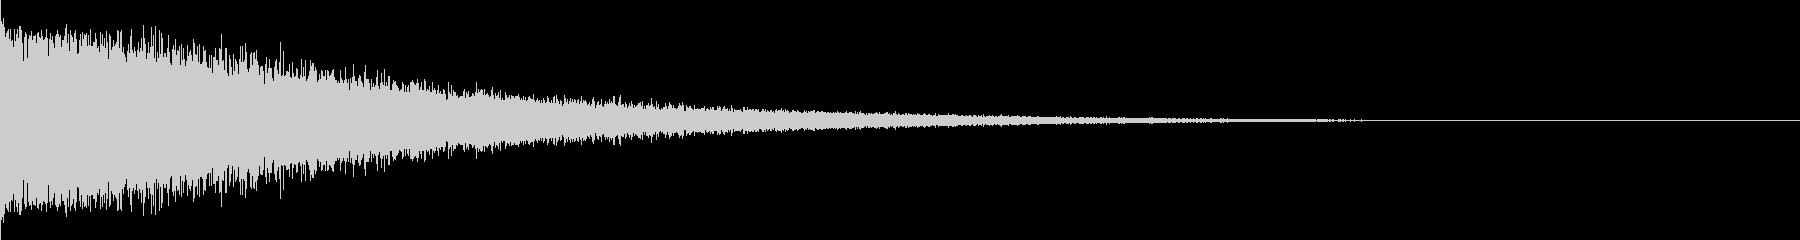 キラキラしたインパクト音の未再生の波形